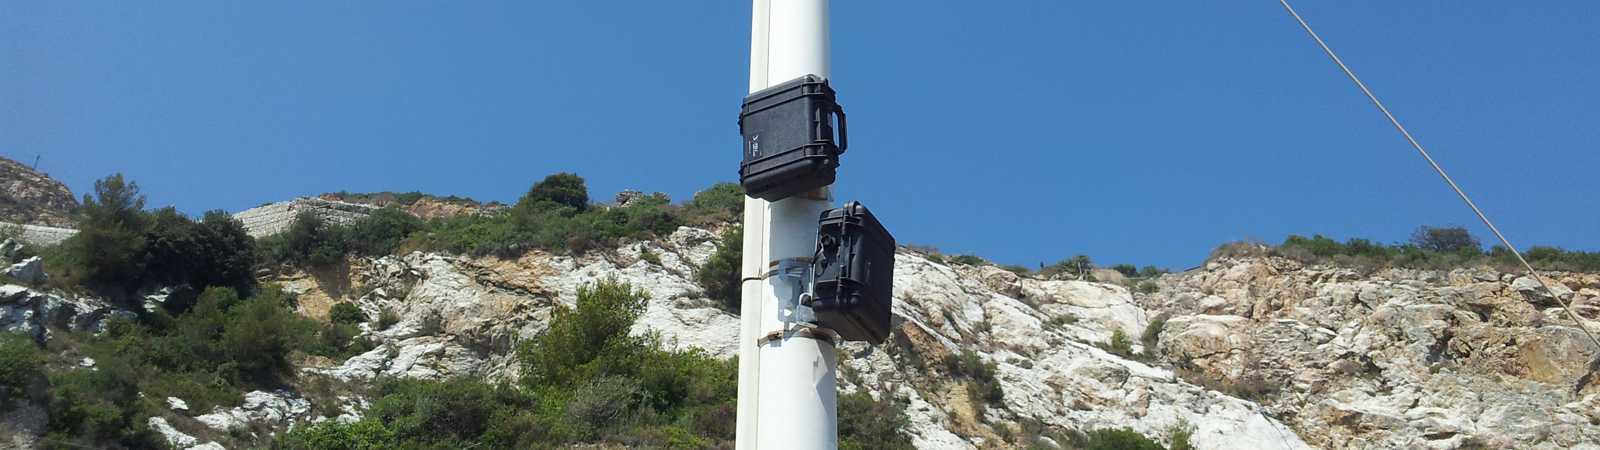 monitoraggio e rilievo del traffico stradale e delle velocità istantanee con radar a micro-onde ad effetto doppler, a carattere temporaneo e permanente